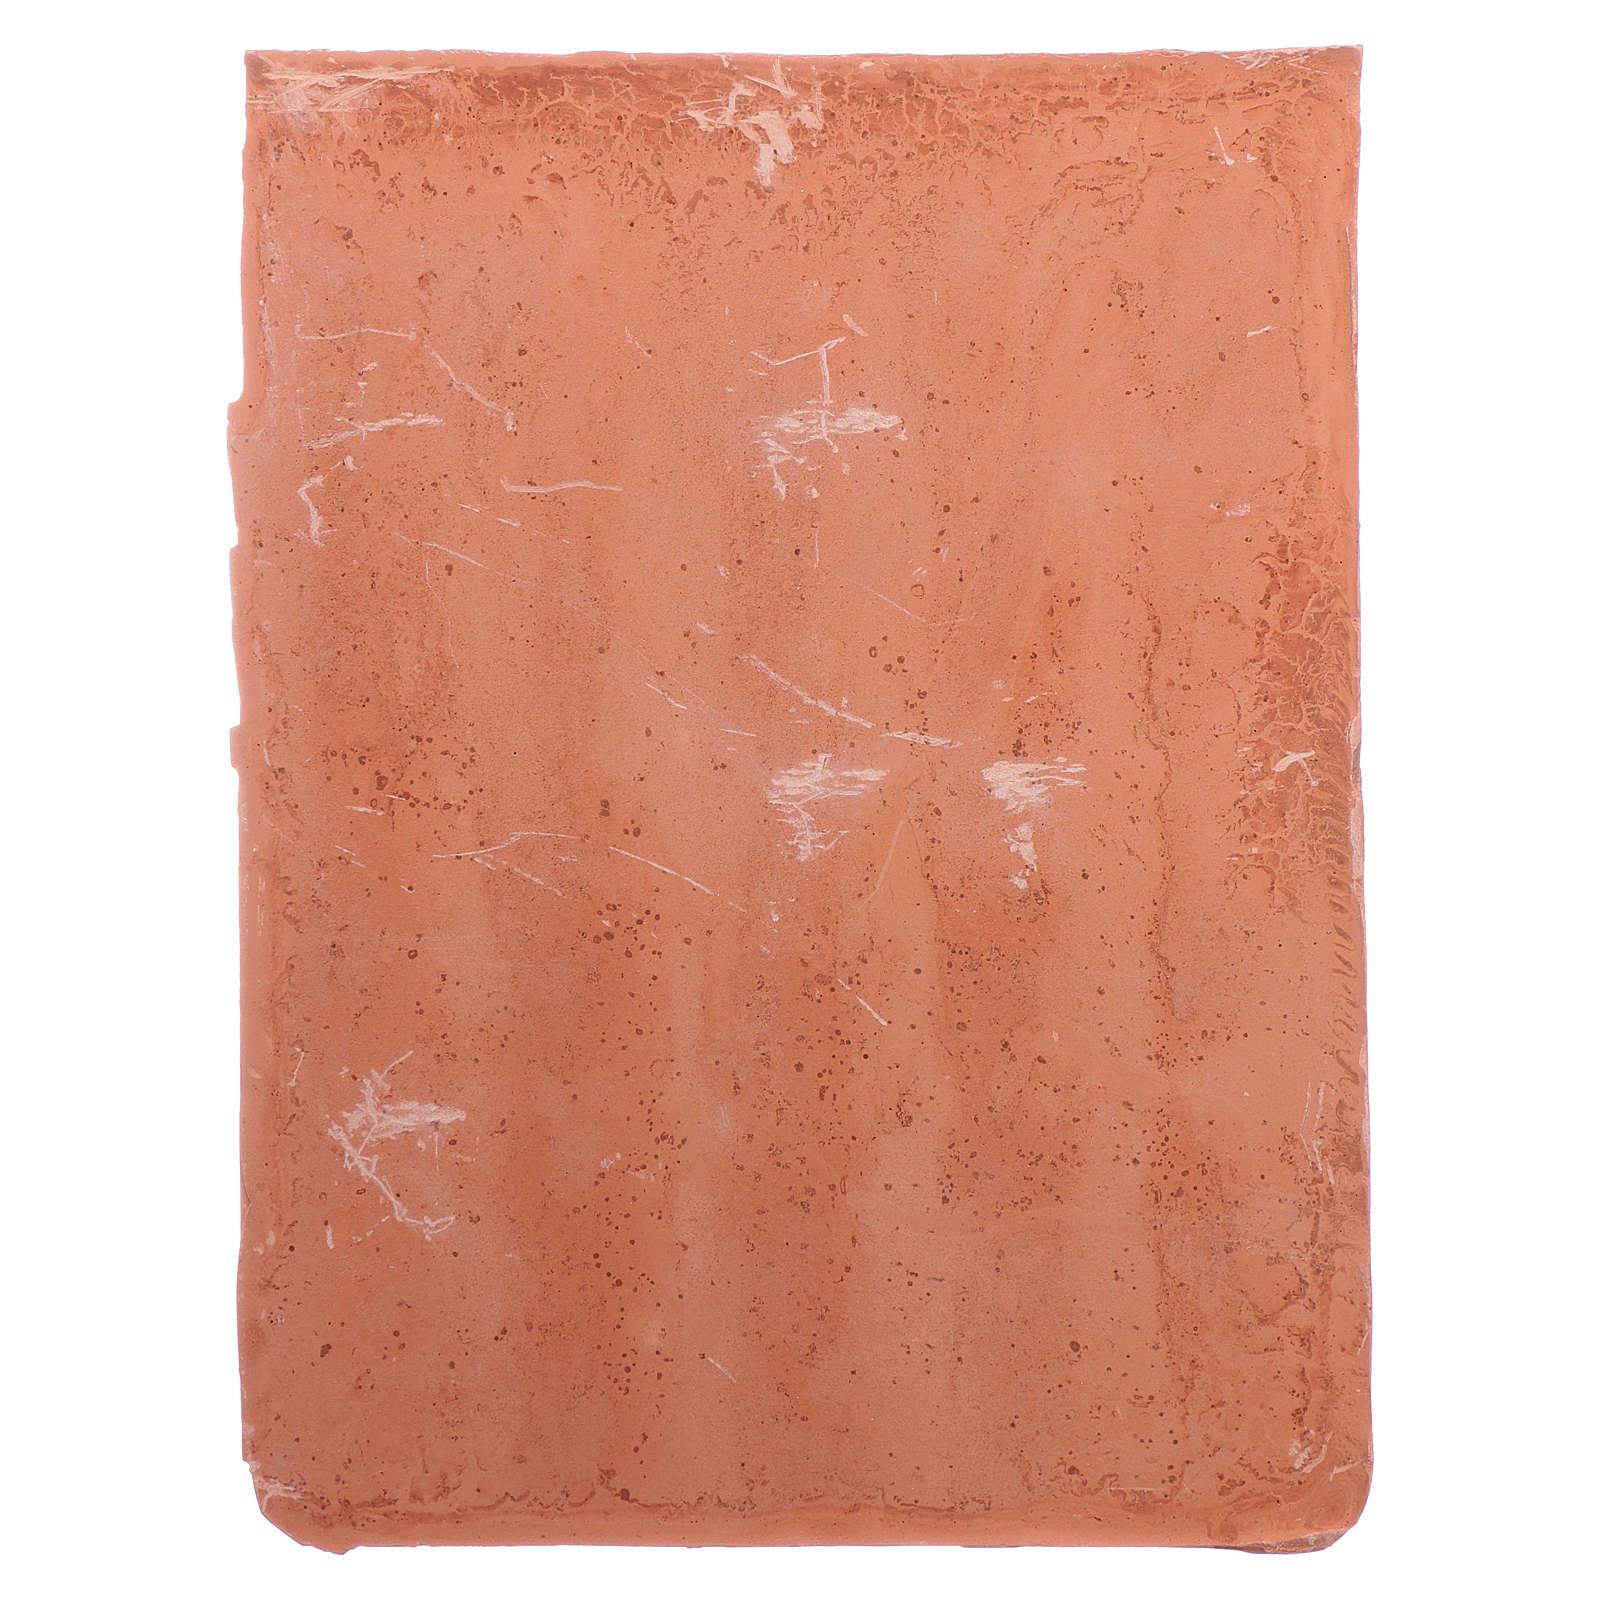 Shingle panel 15x10 cm in resin 4